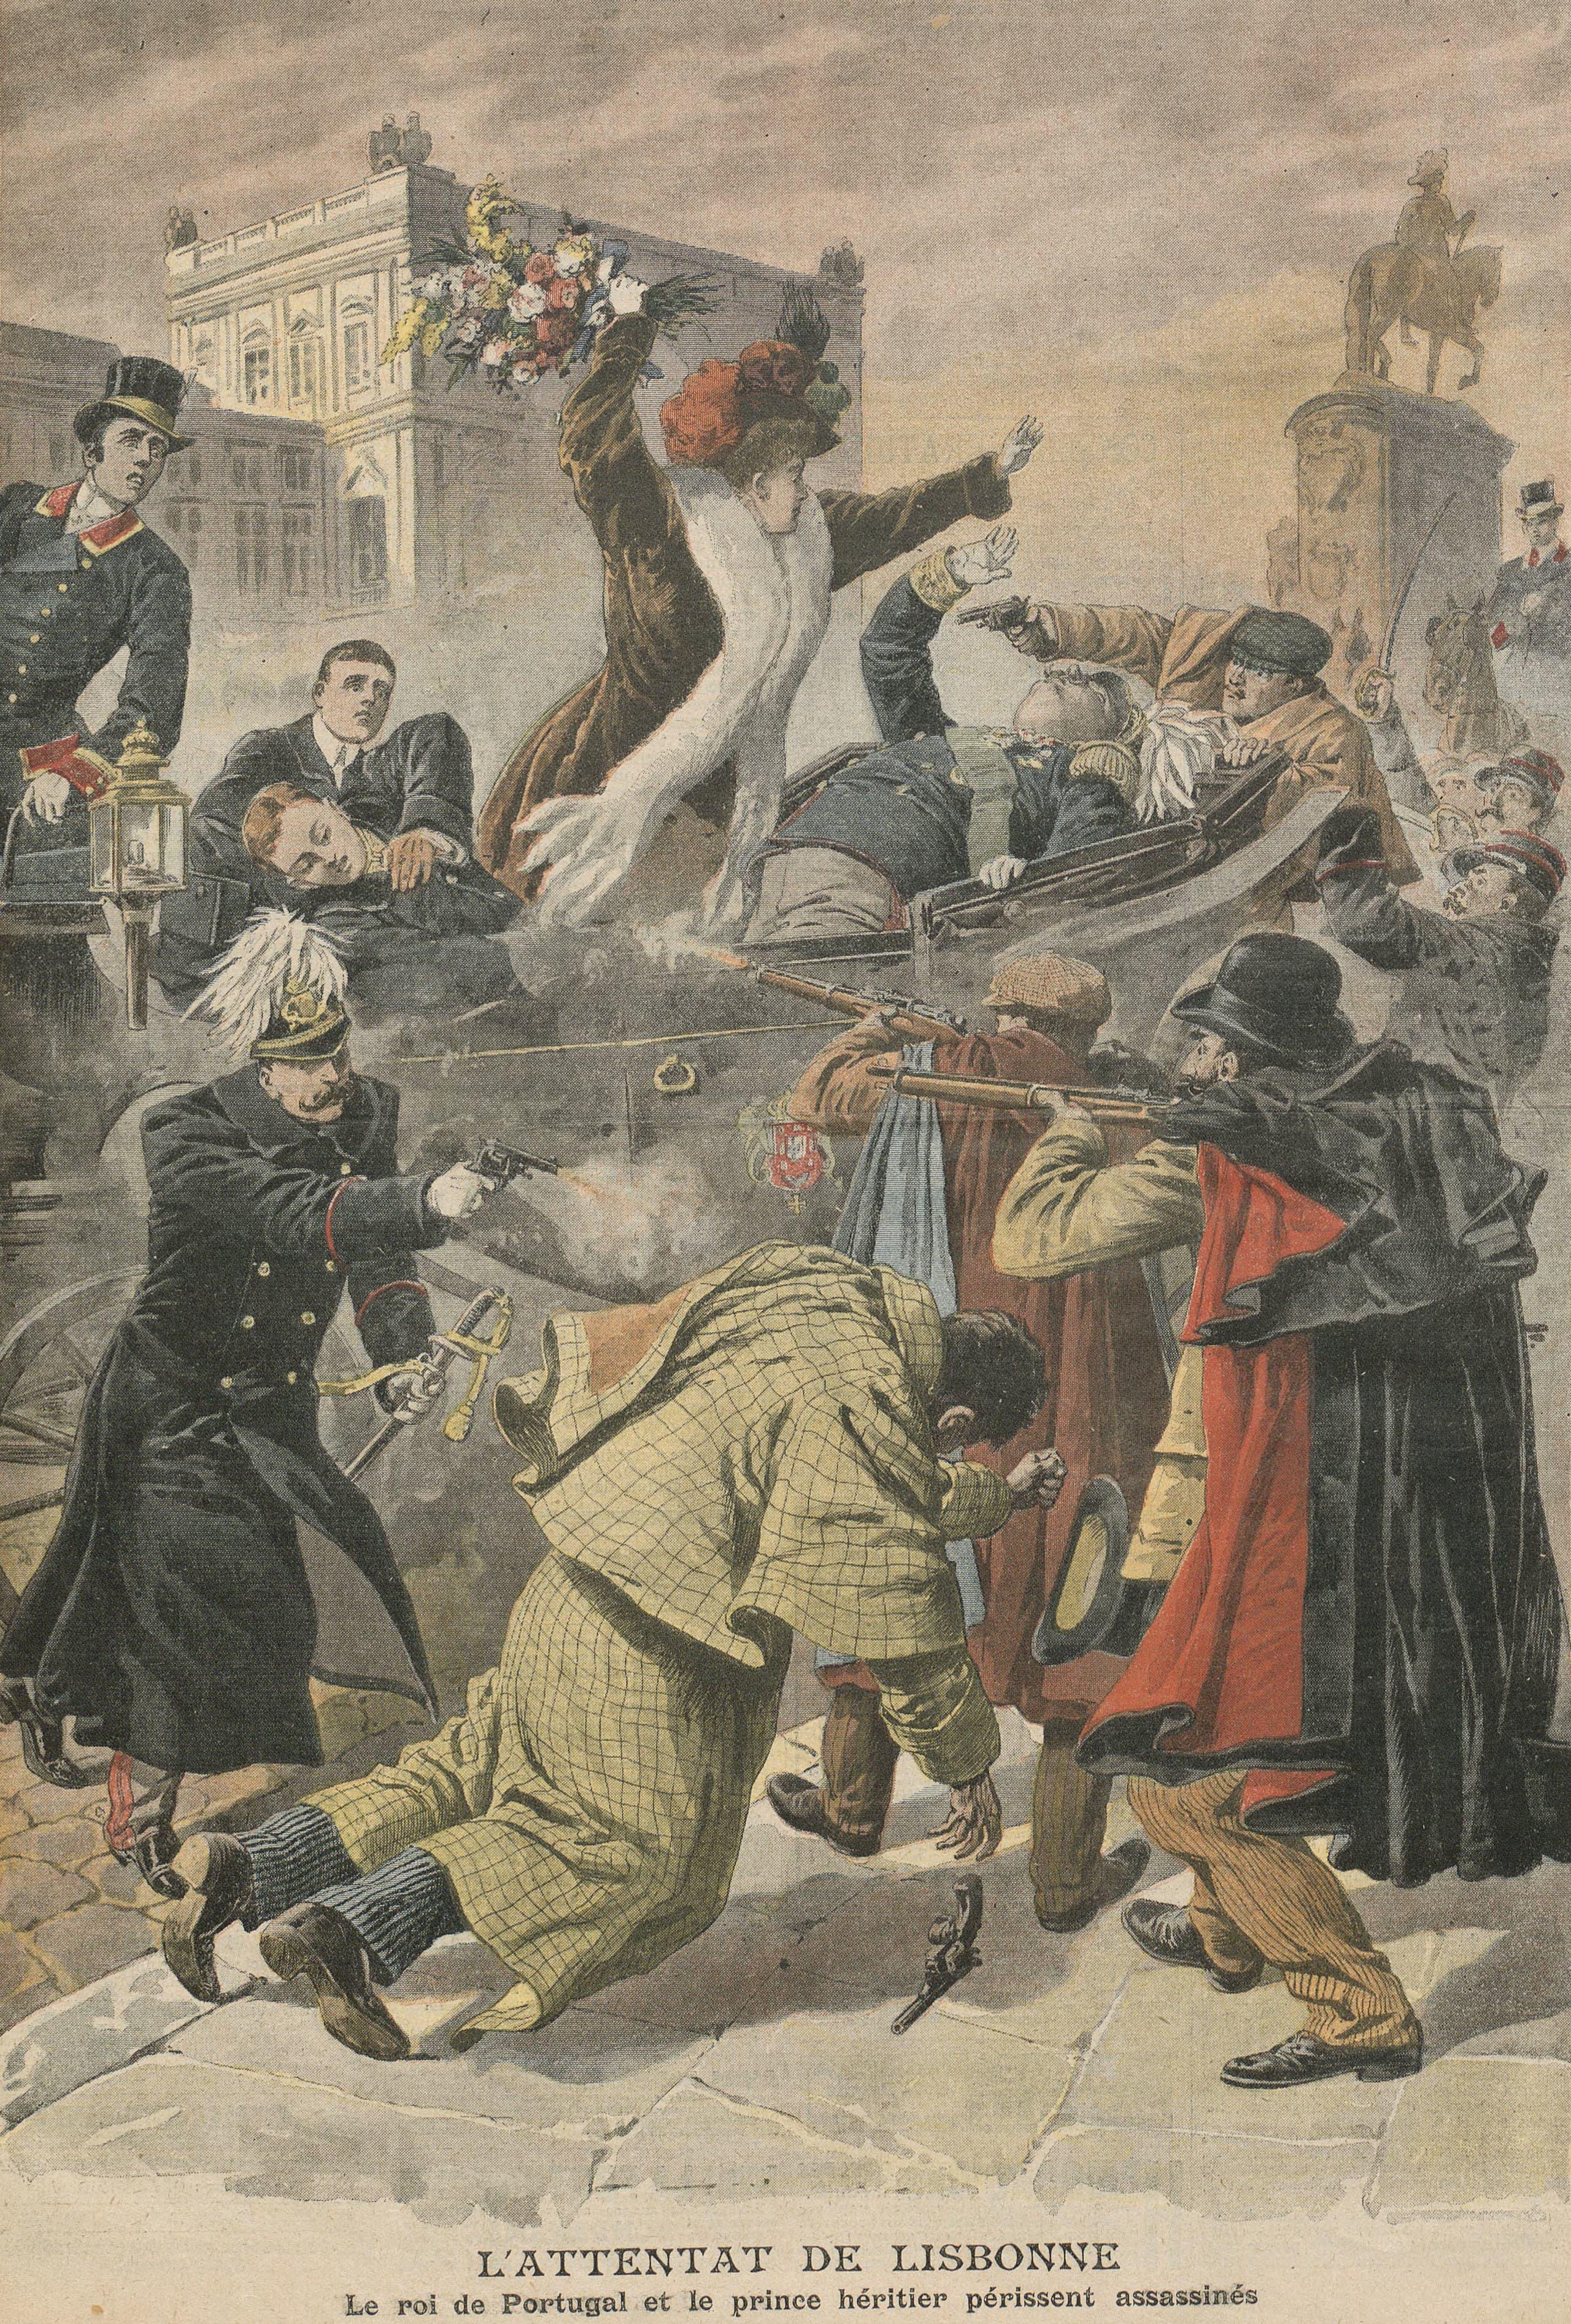 لوحة لحادثة اغتيال الملك عام 1908